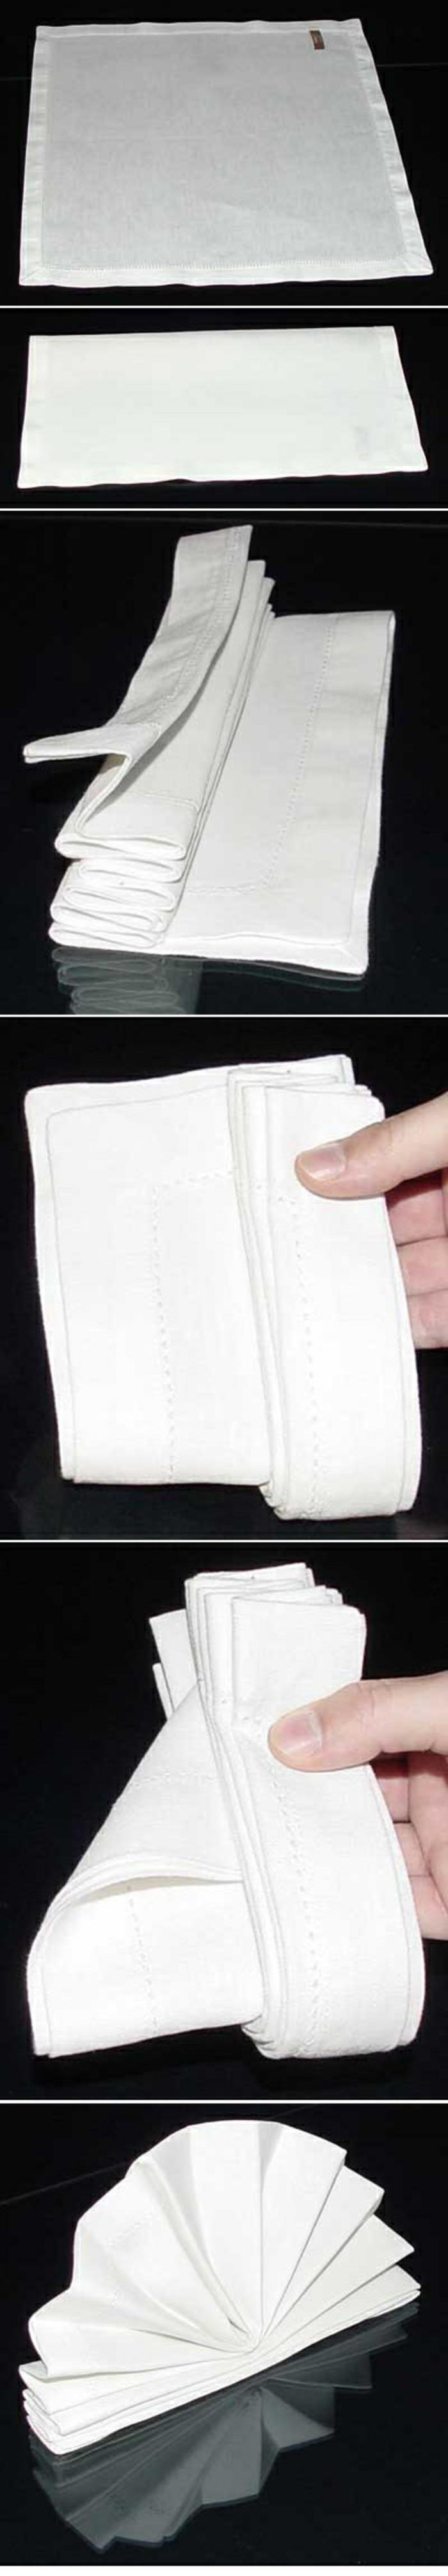 pliage-serviette-simple-instructions